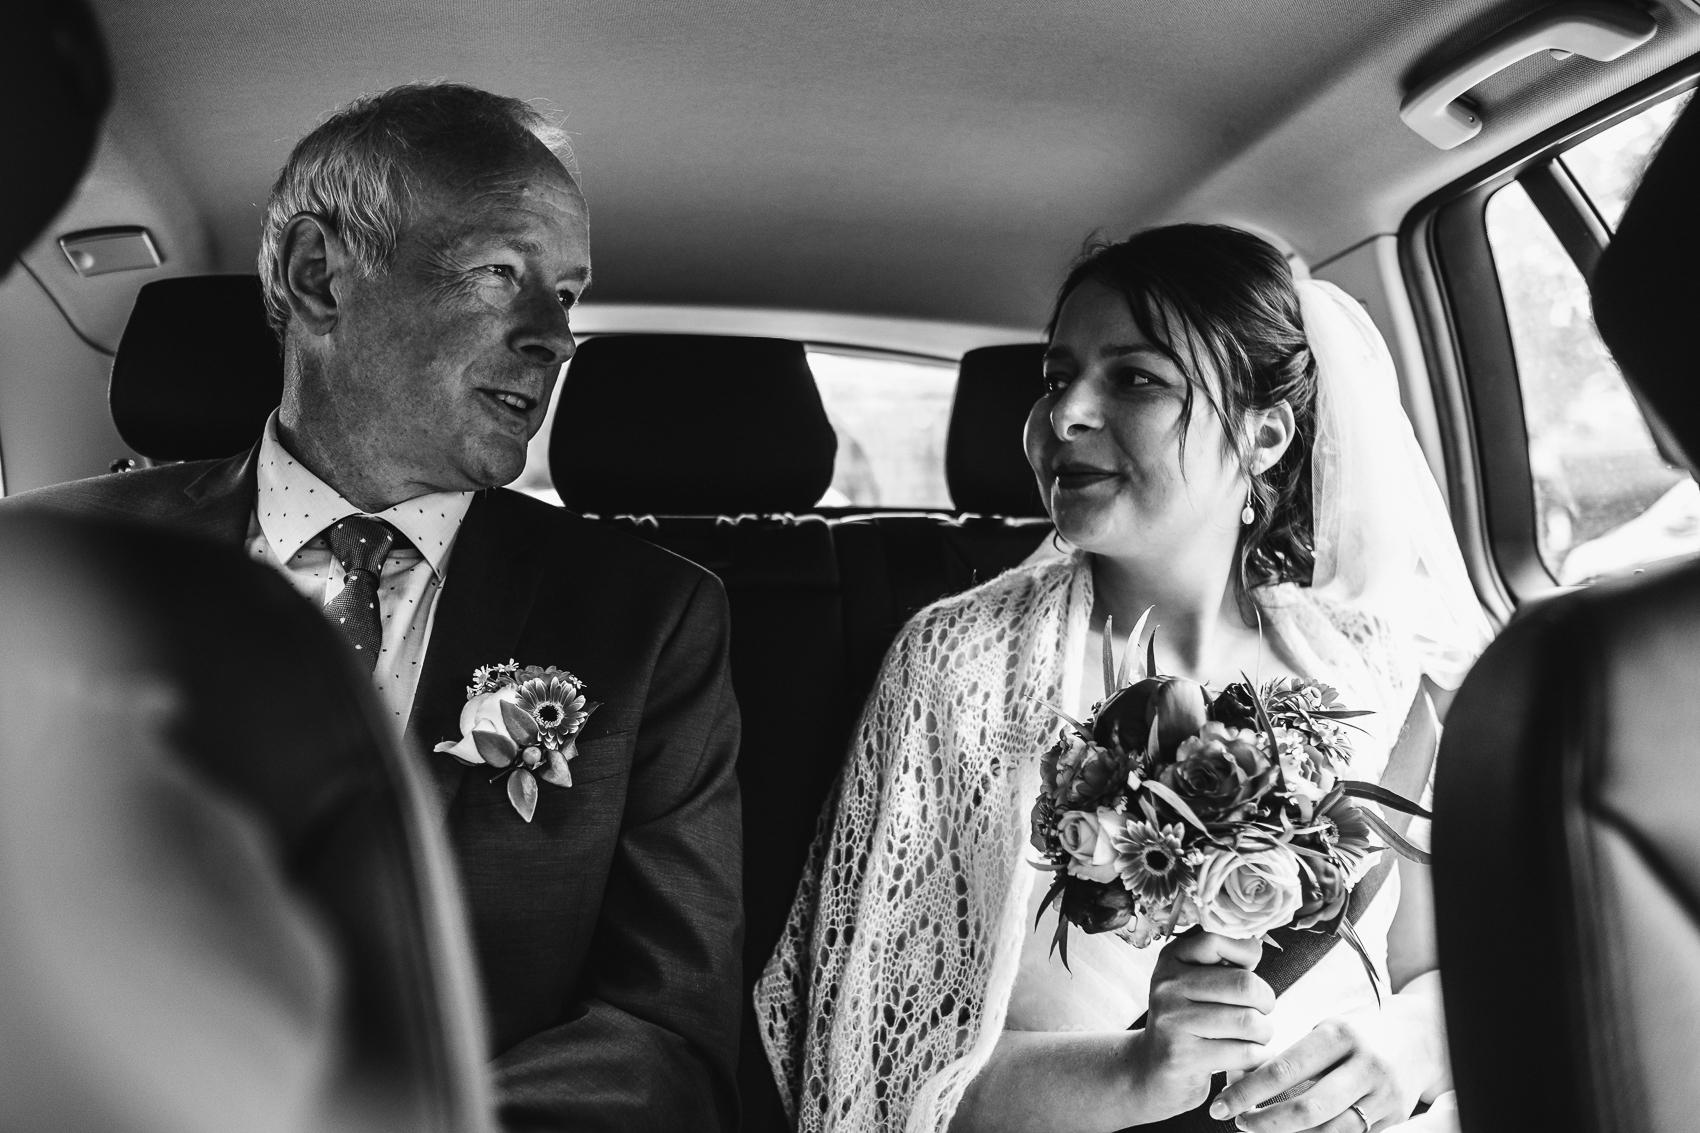 iso800 - huwelijksfotograaf katrien bart park west antwerpen-7.jpg